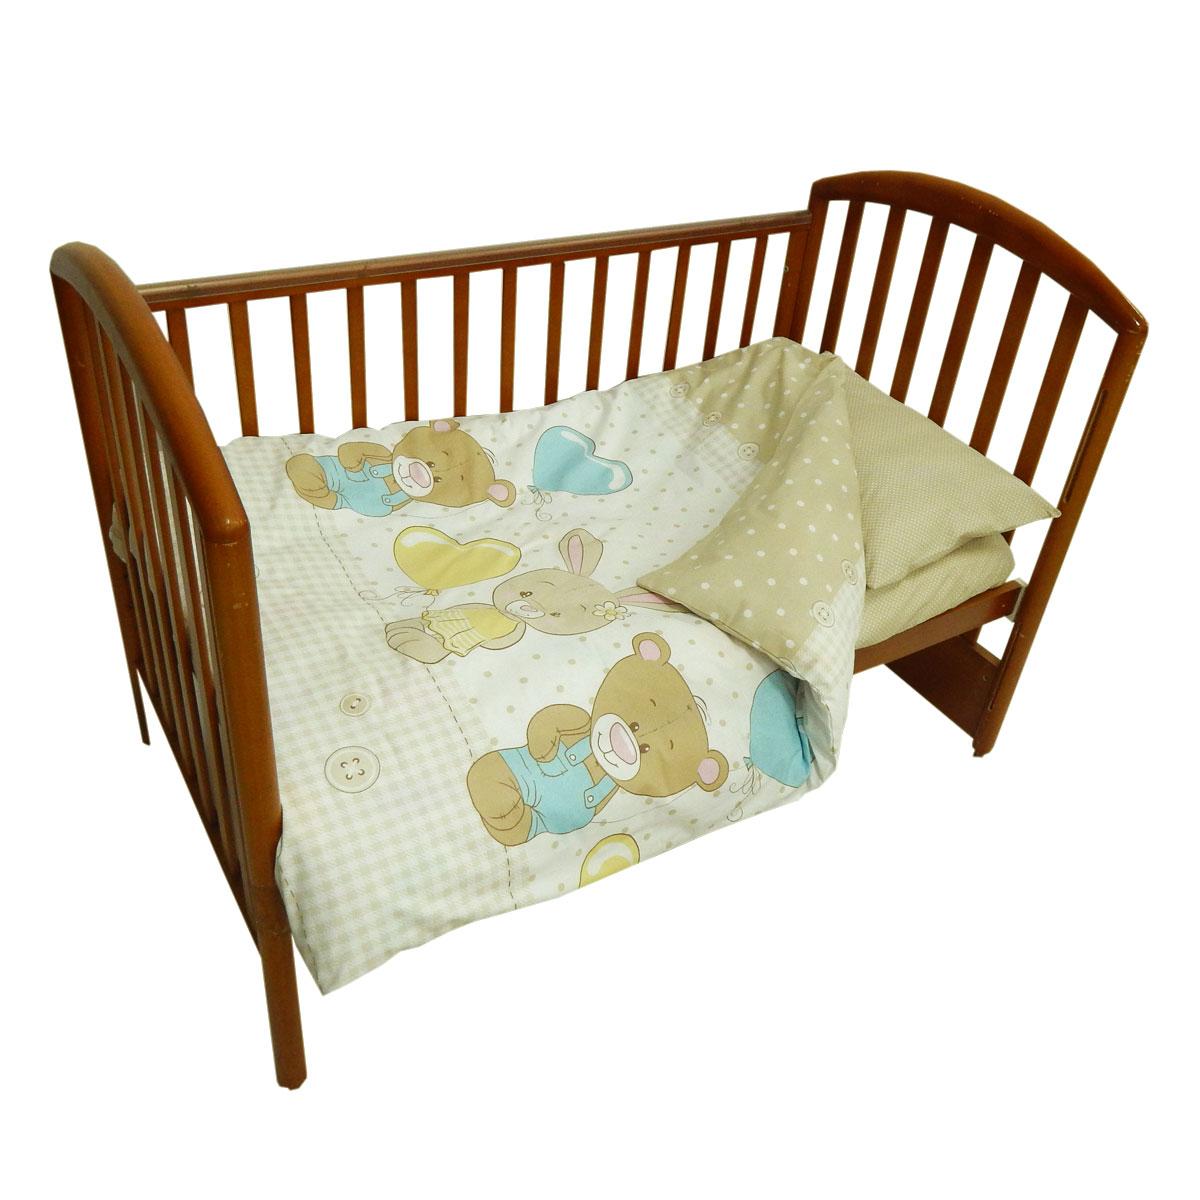 Детское постельное белье Папитто 147*112 простыня на резинке Друзья бежевый 6047